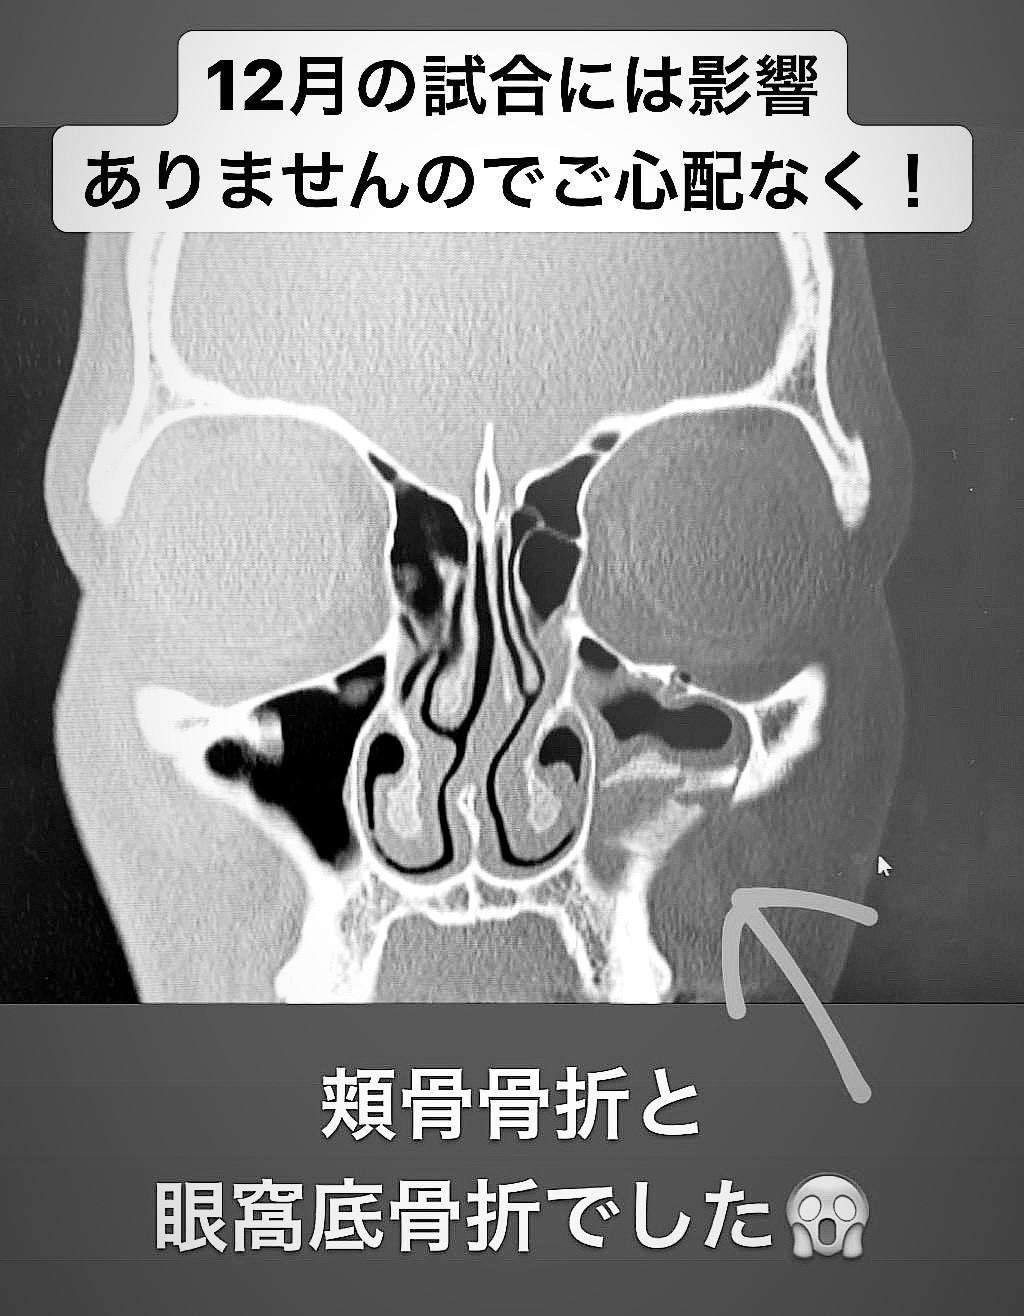 骨折 と は 眼窩 底